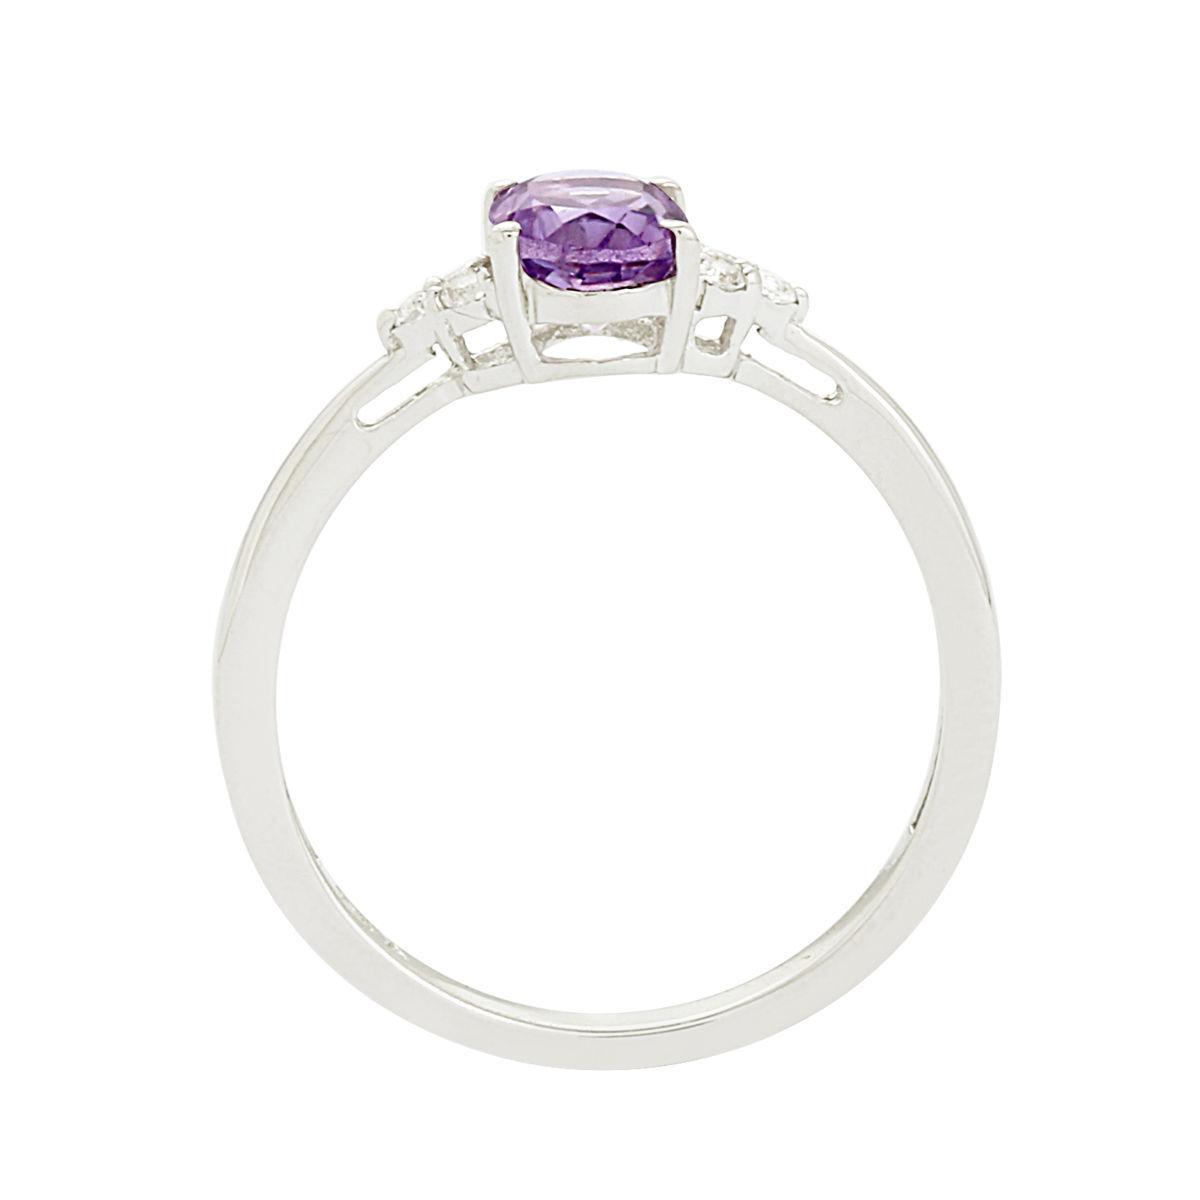 Solid 925 Sterling Silver Oval Amethyst Gemstone Jewelry Ring Sz 7 SHRI0169